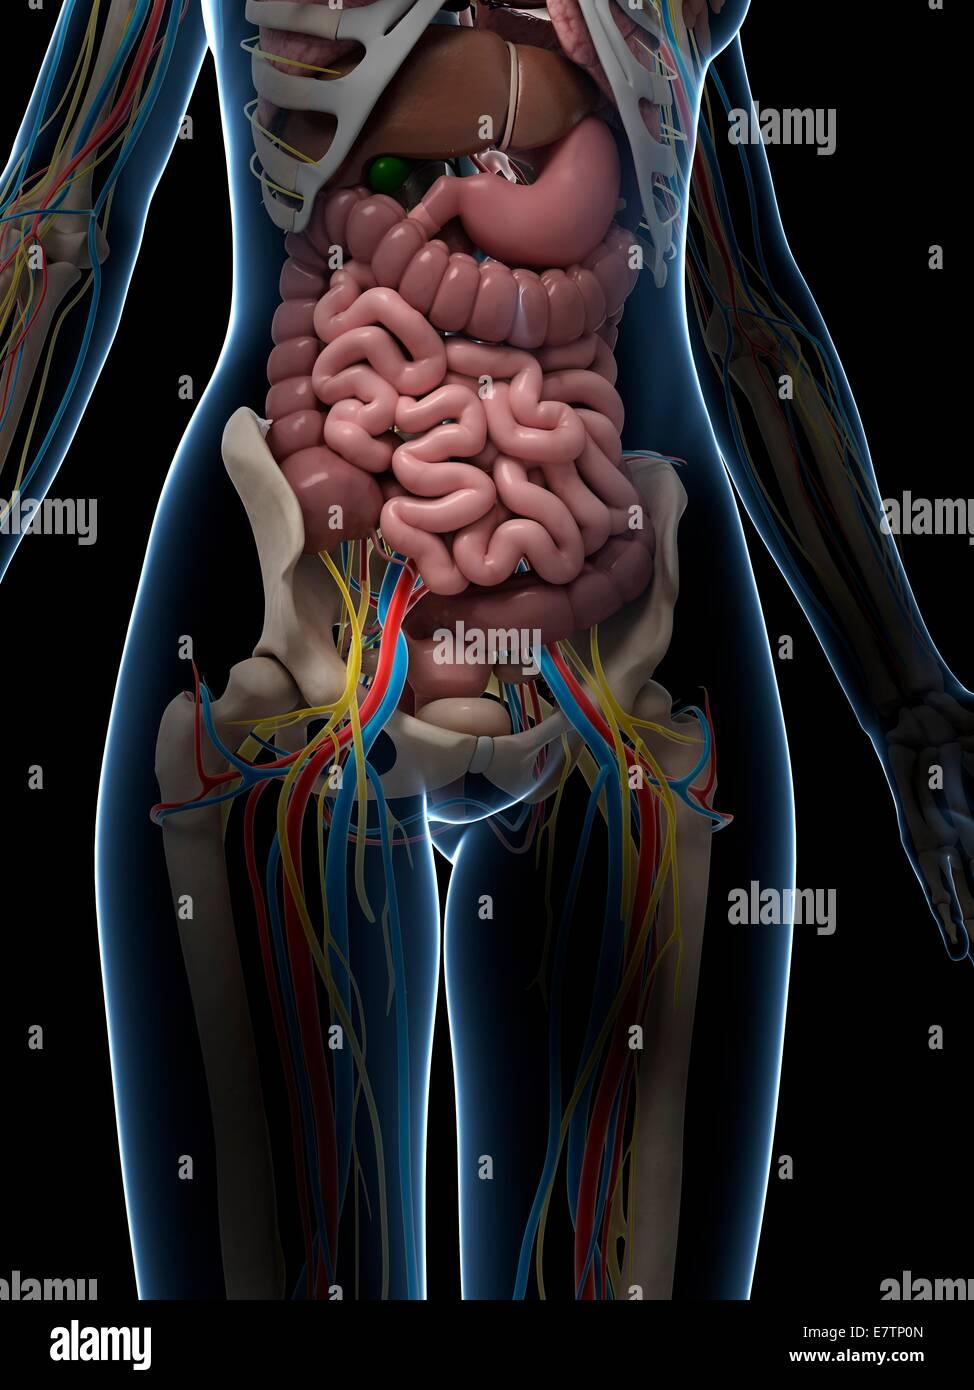 Weibliche Darm Anatomie, Computer-Grafik Stockfoto, Bild: 73688181 ...